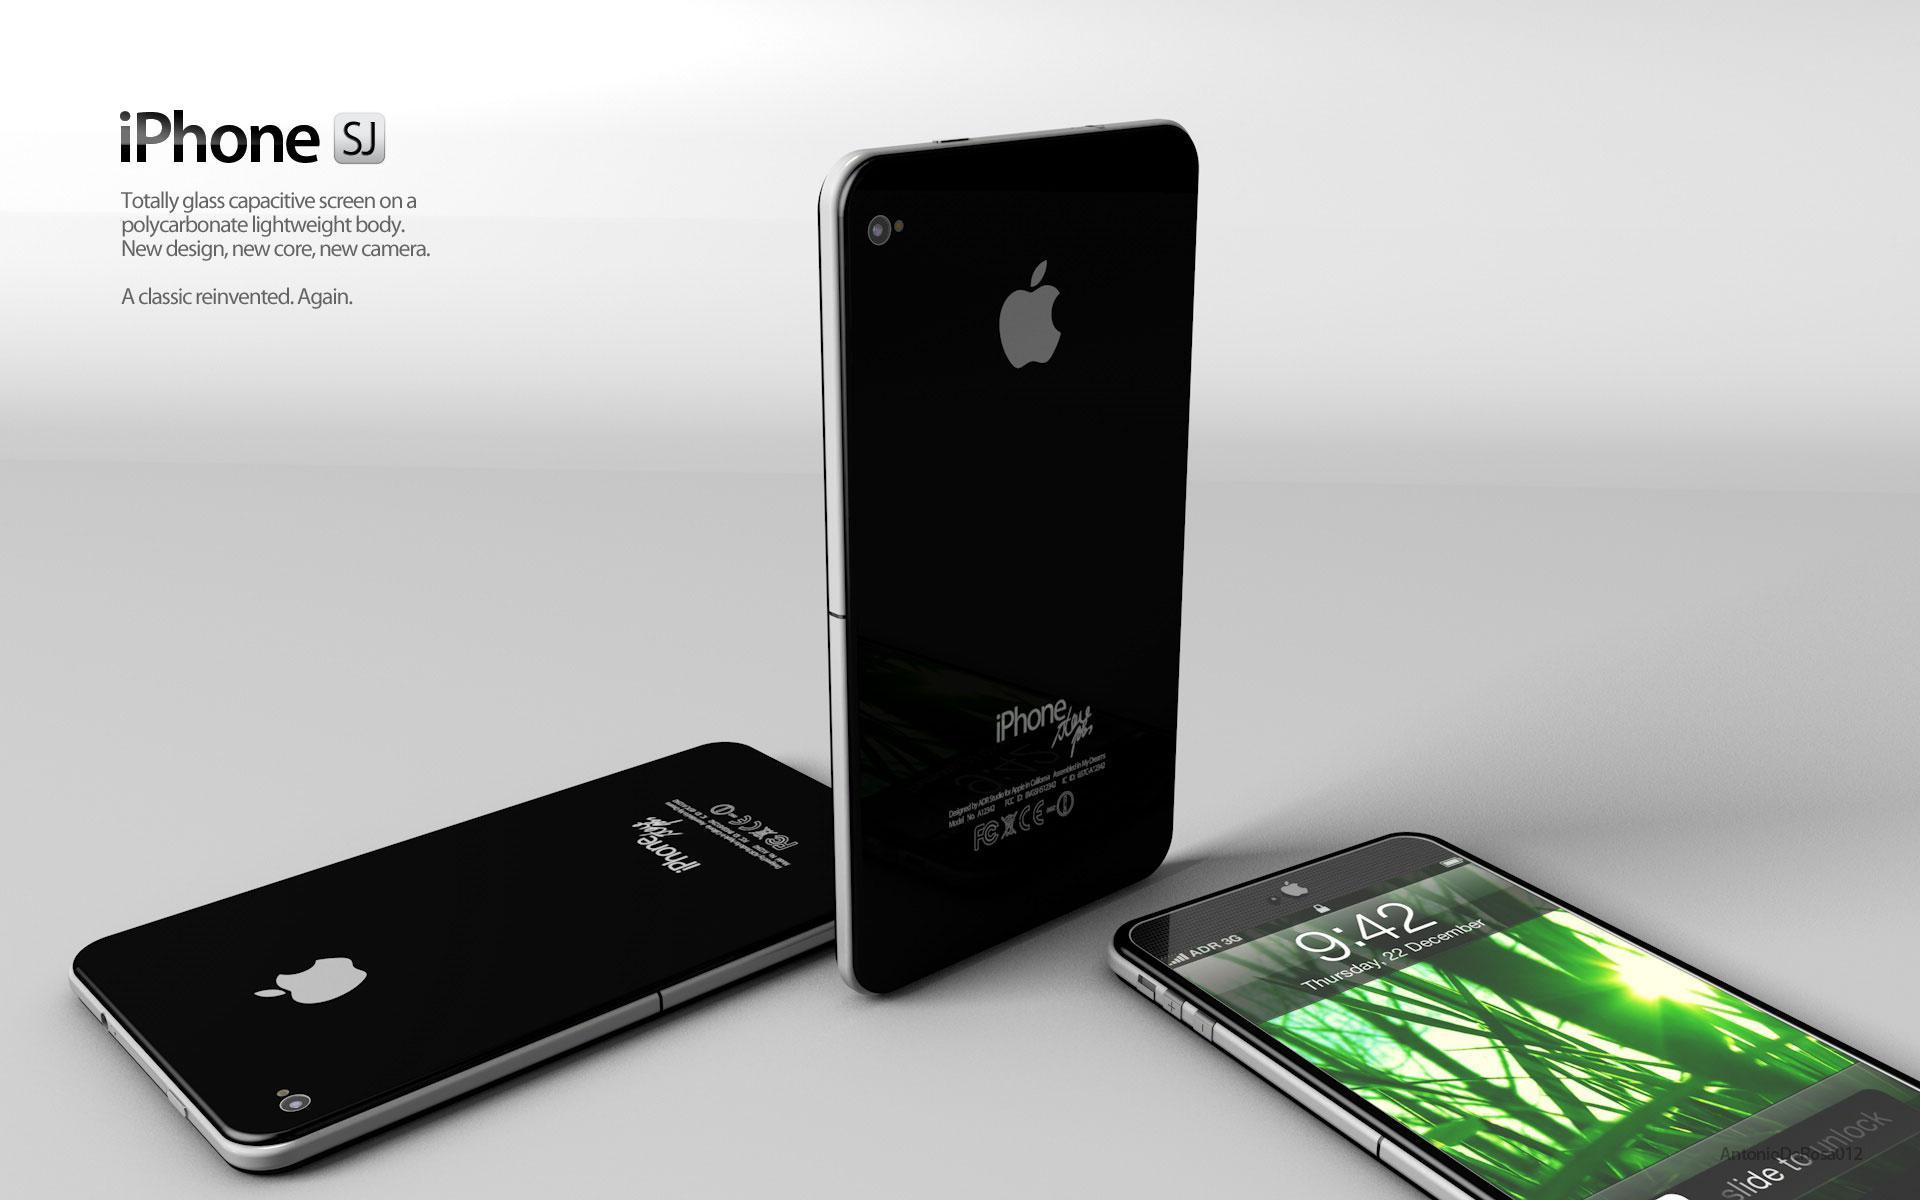 iPhoneSJ_3.jpg (1920×1200)